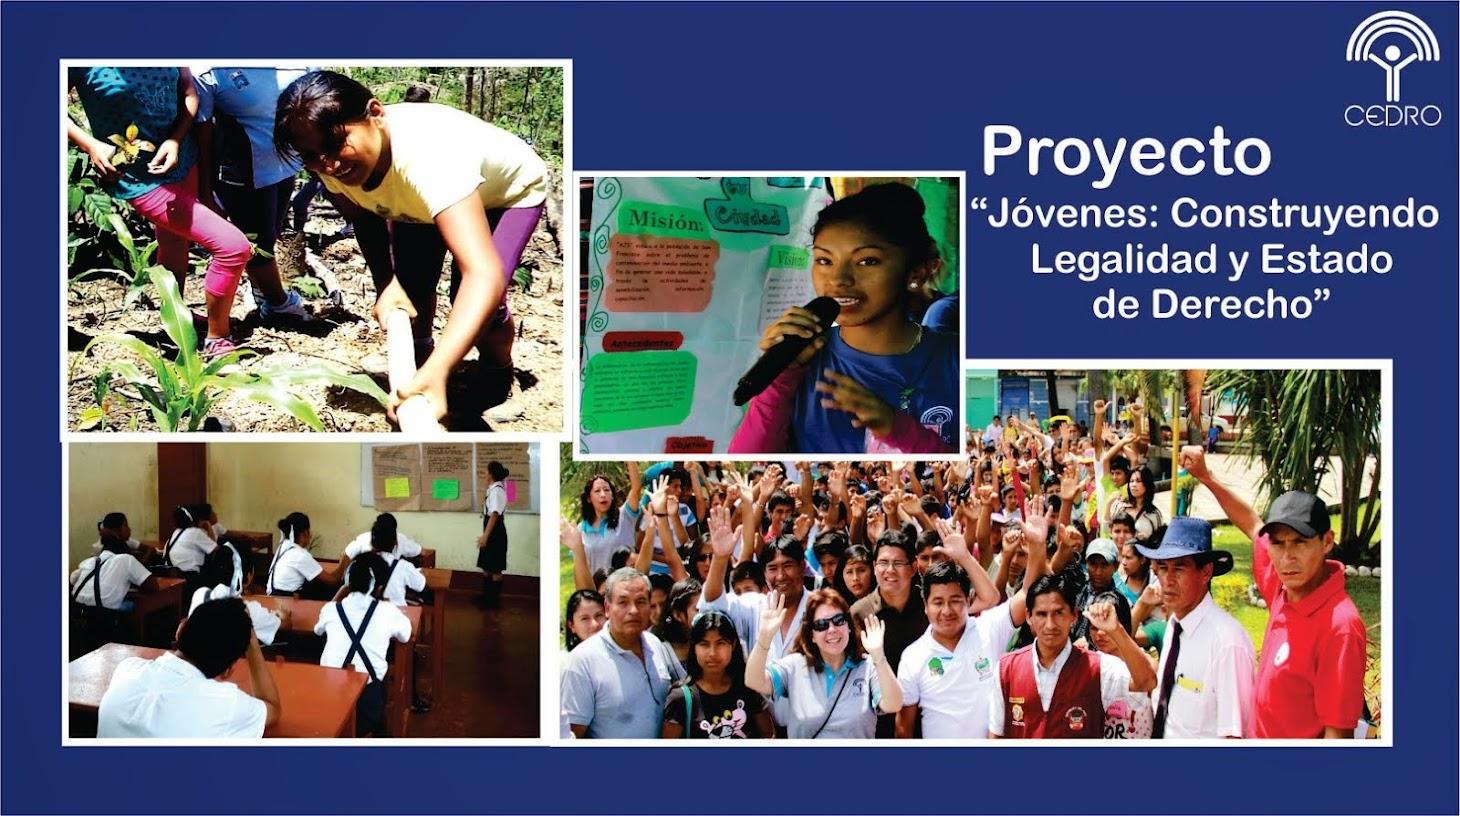 Jóvenes Construyendo Legalidad y Estado de Derecho